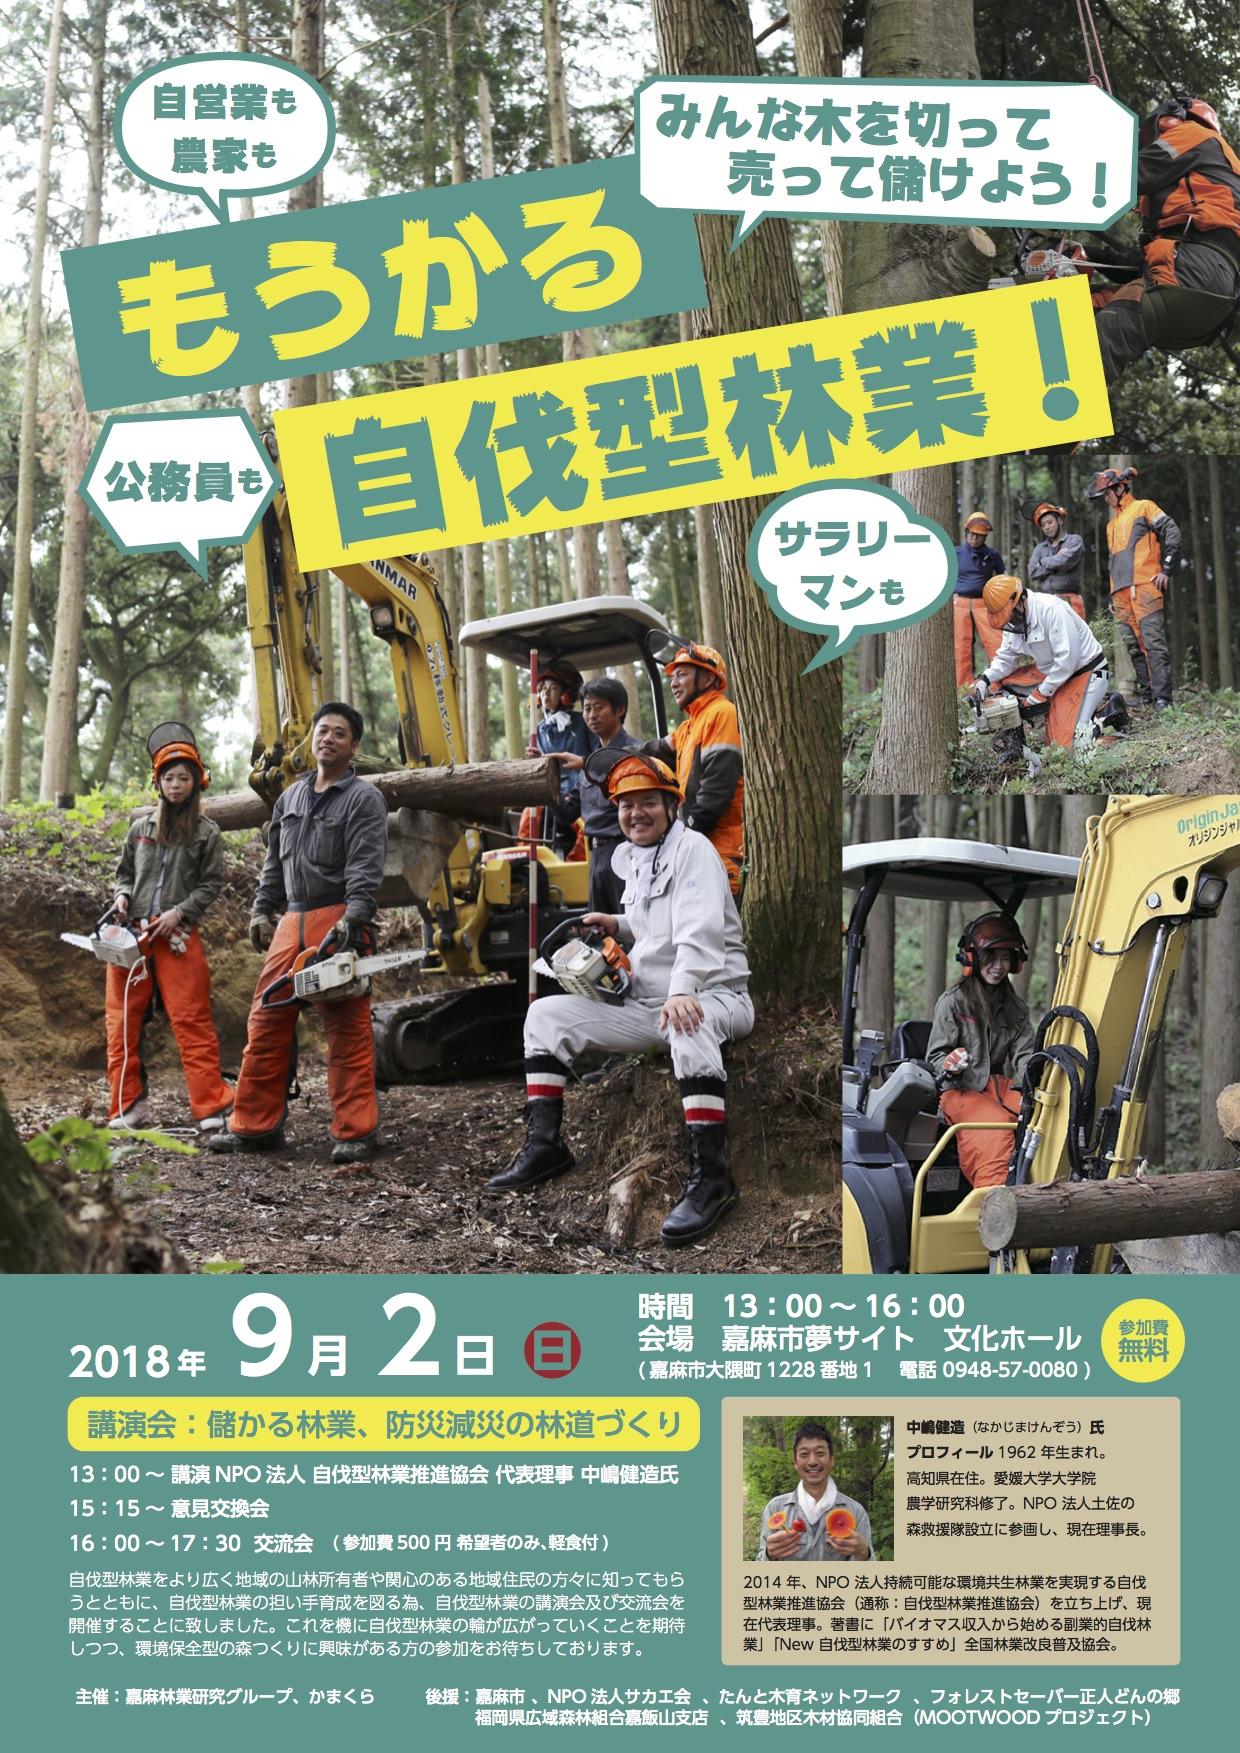 9月2日 福岡県嘉麻市で「儲かる林業、防災減災の林道づくり」講演会が開催されます